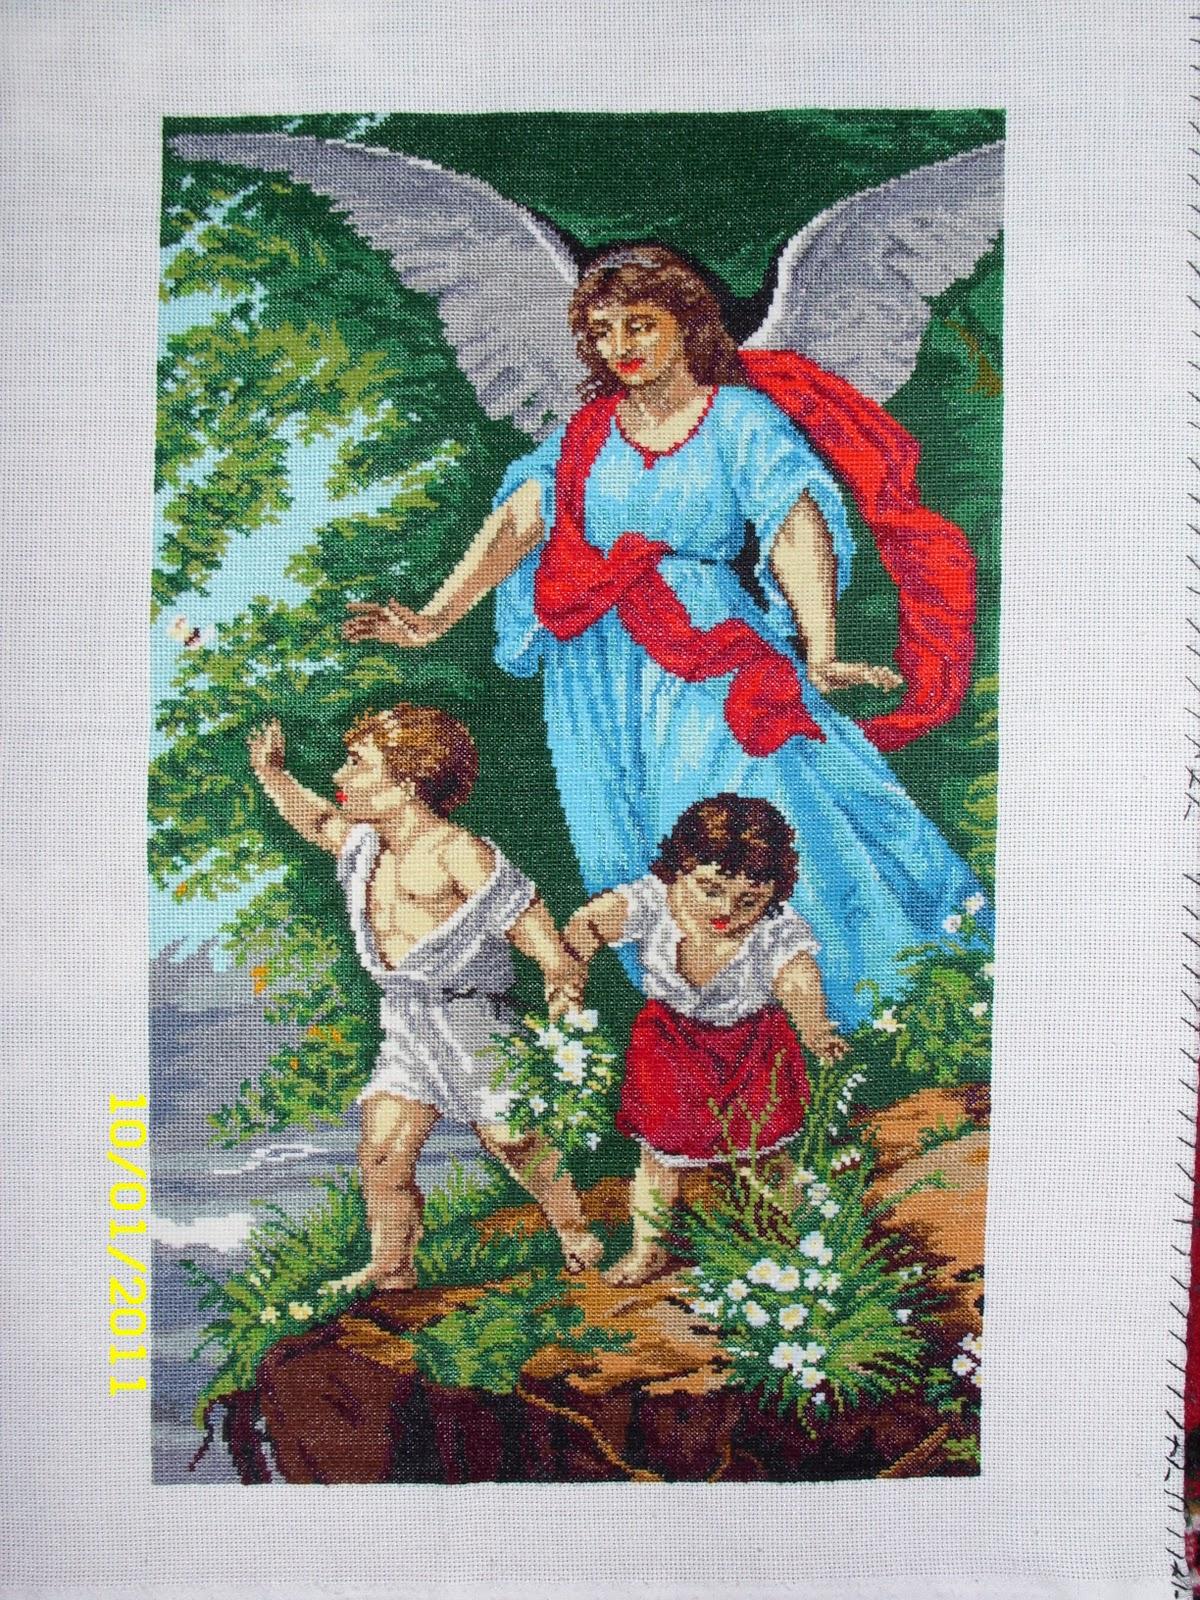 Розміри ангела охоронця 28 см на 45 см